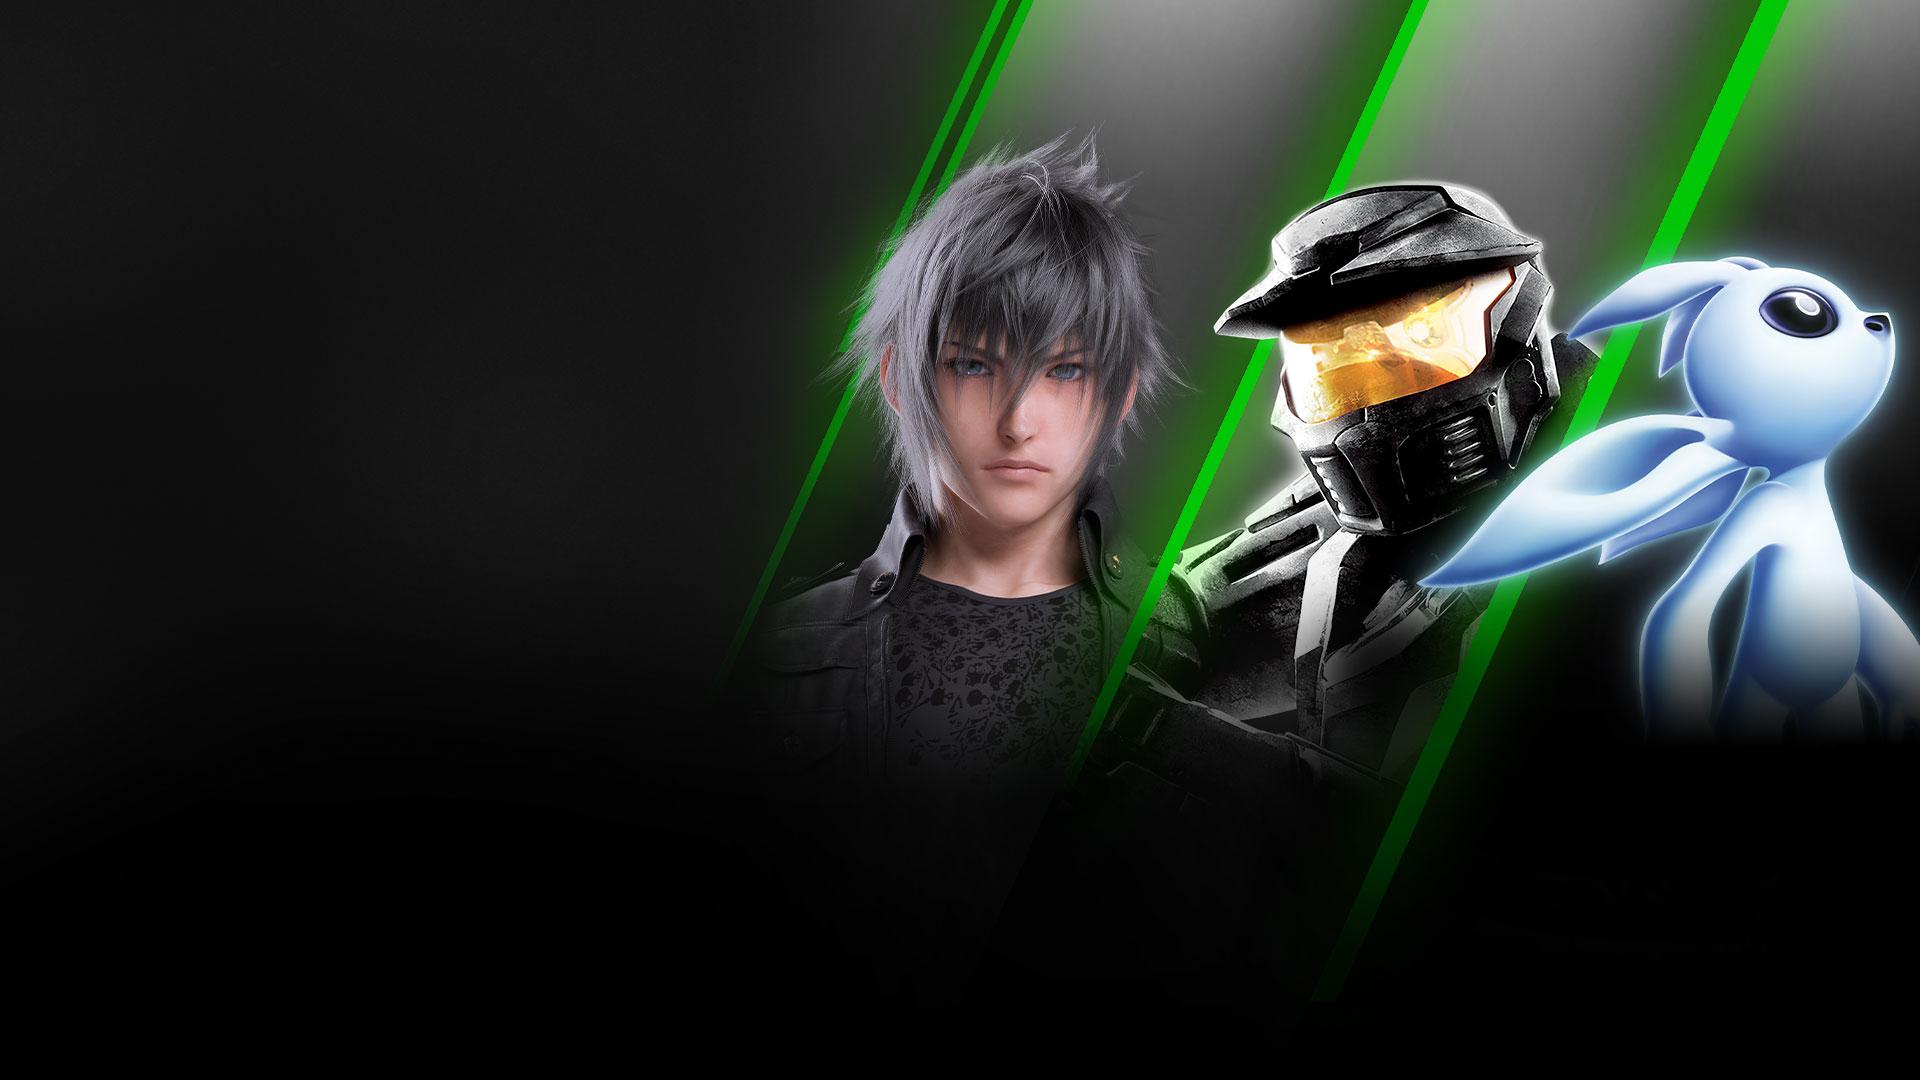 Xbox Game Pass Pour Pc (Bêta) | Xbox dedans Application Jeux Gratuit Pc